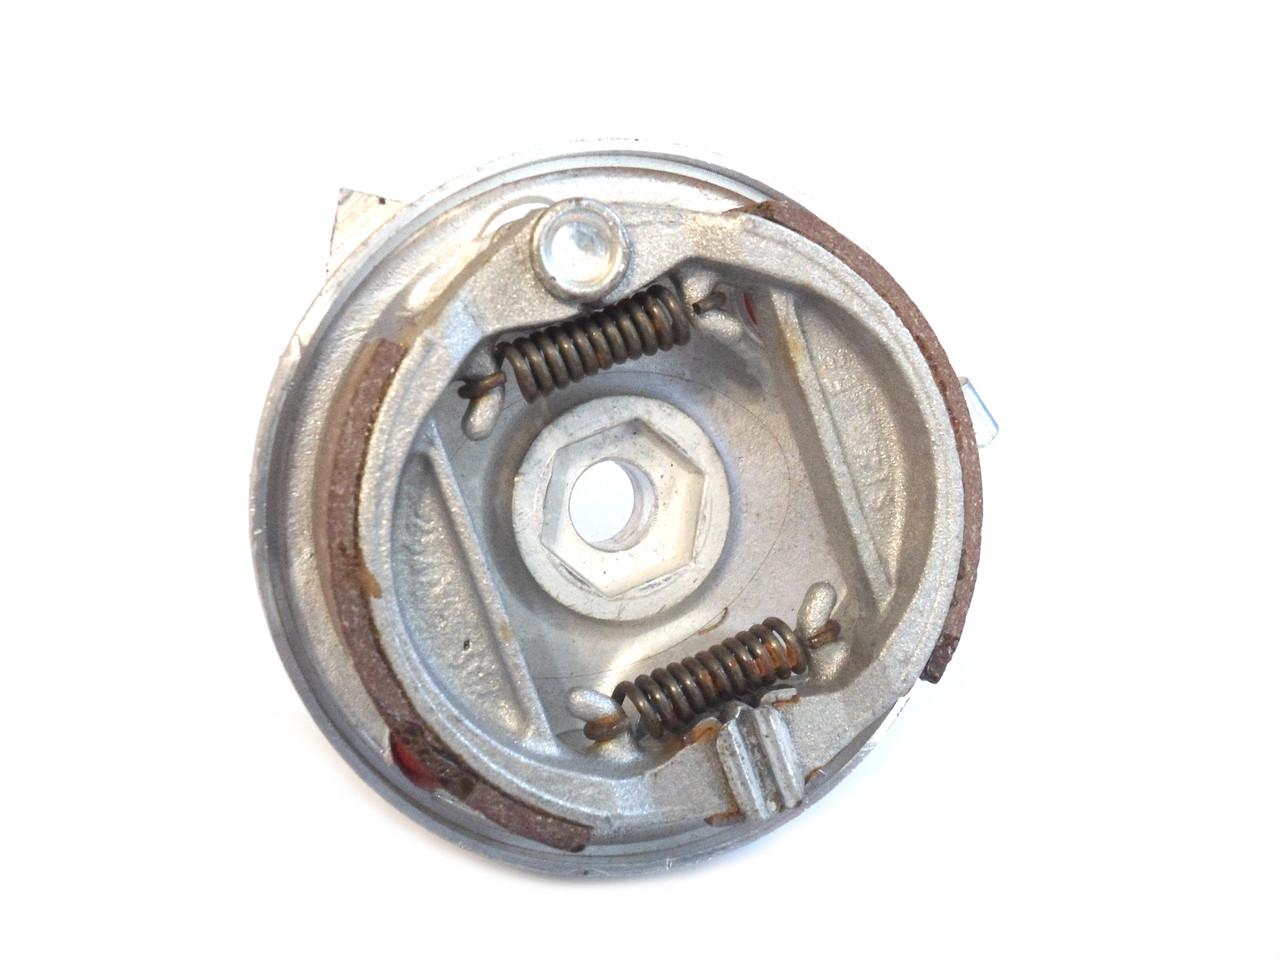 NOS Leleu Front Wheel OFFSET 11mm Brake Plate - Complete